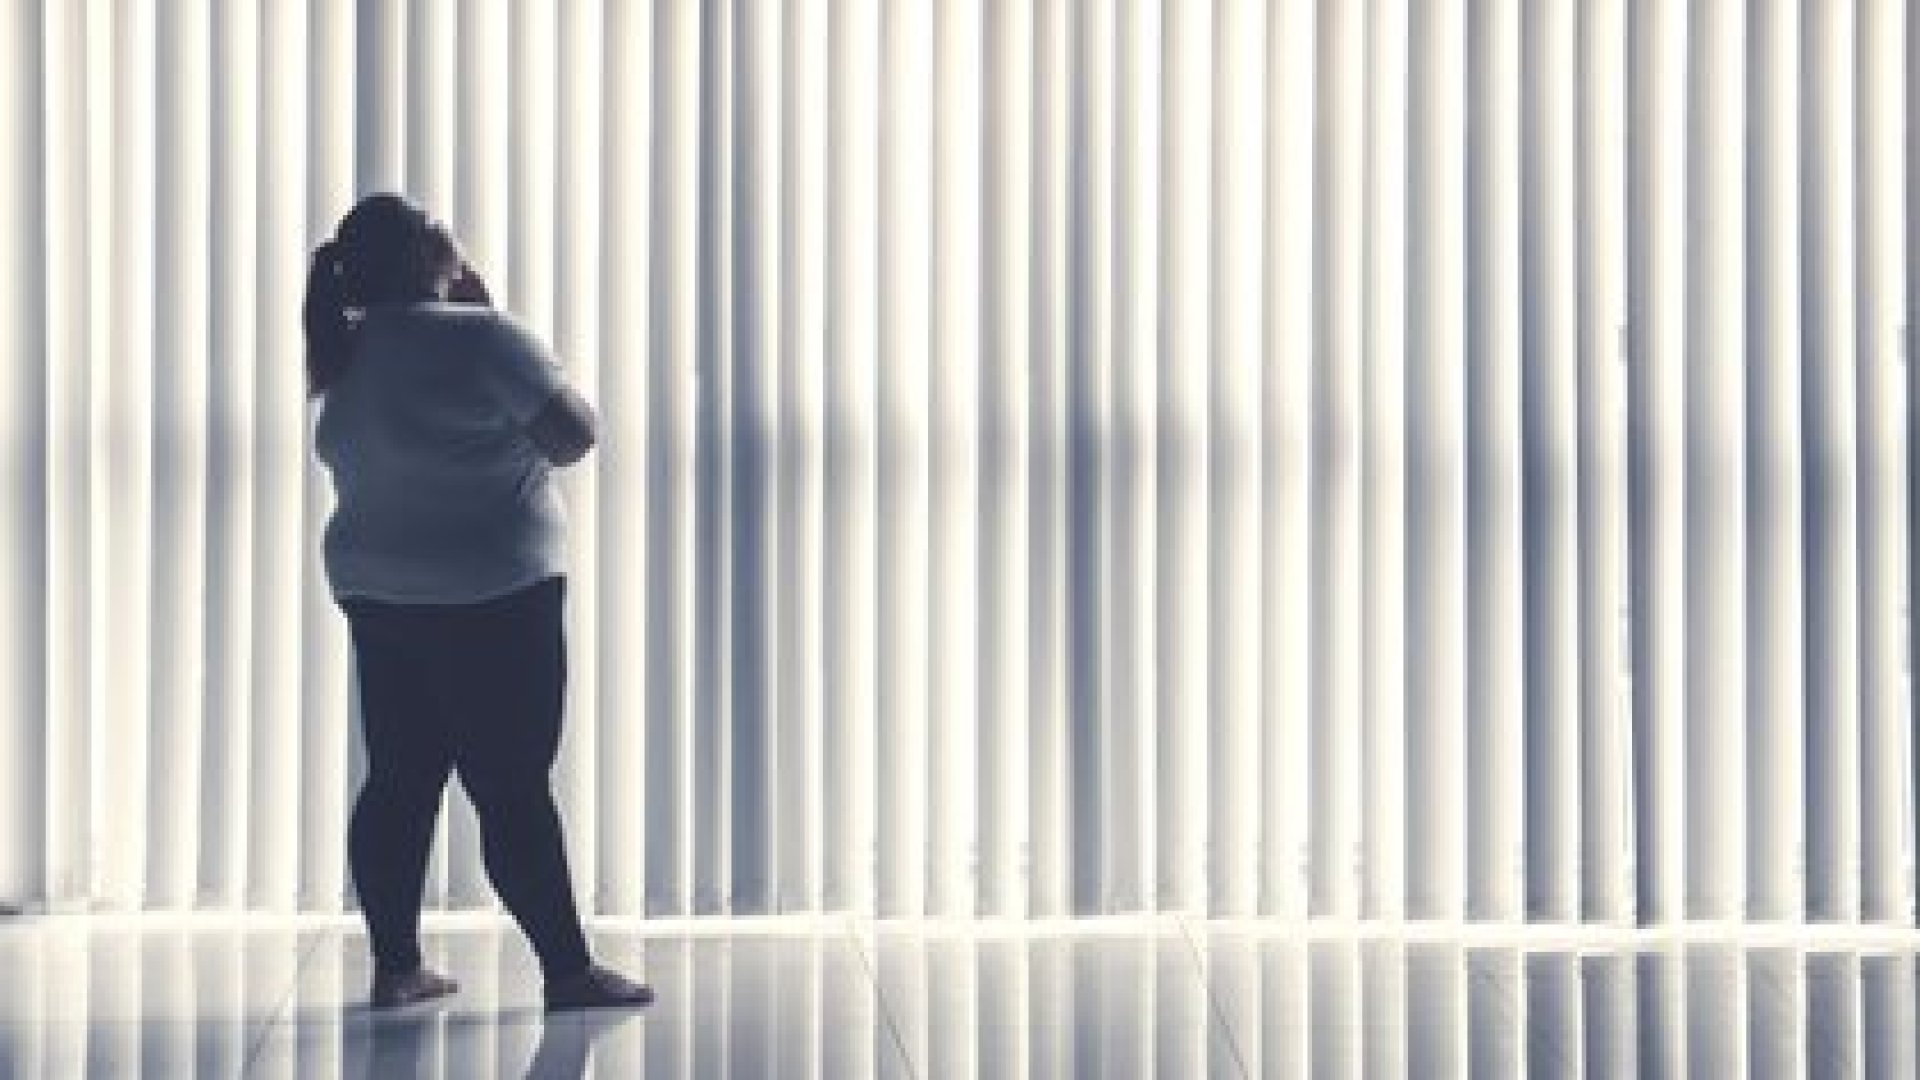 """Desde 1975, la obesidad se ha casi triplicado en todo el mundo. En el caso argentino, aún no se reconoce a la obesidad como enfermedad, sino que se la define como """"condición"""" o """"factor de riesgo"""".(Shutterstock)"""